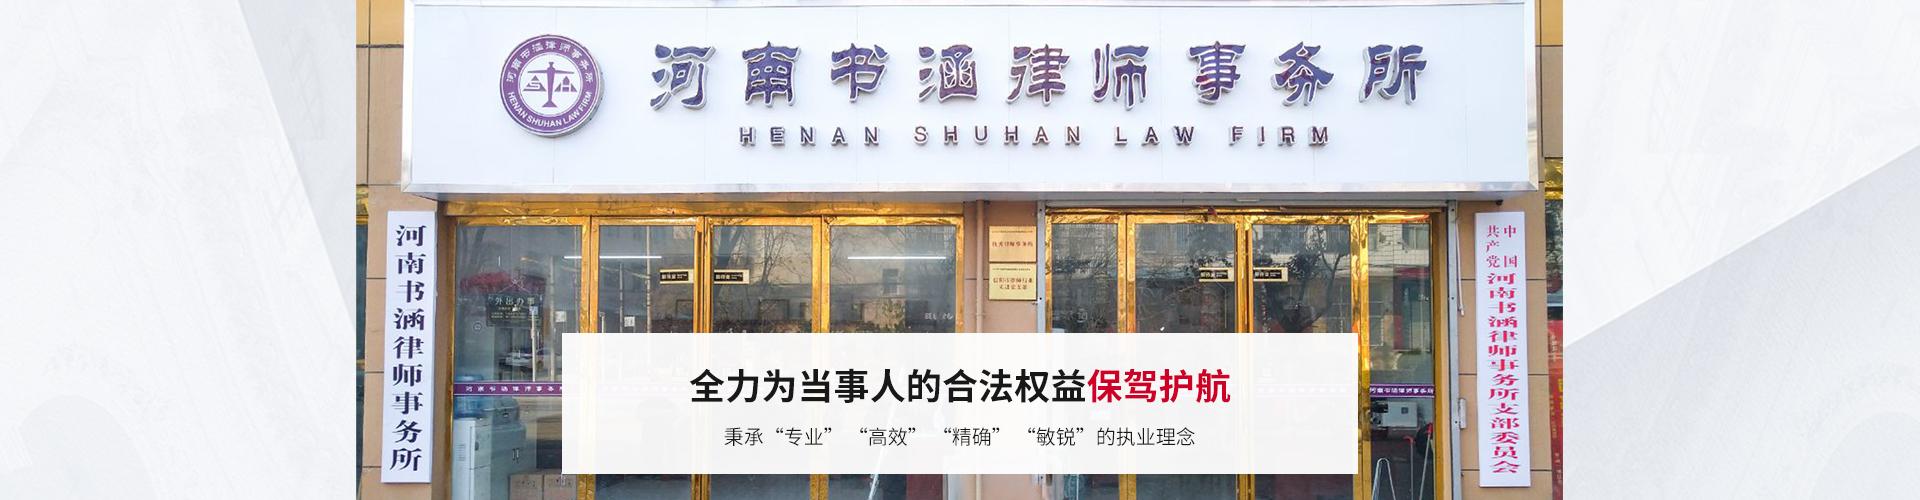 河南书涵律师事务所